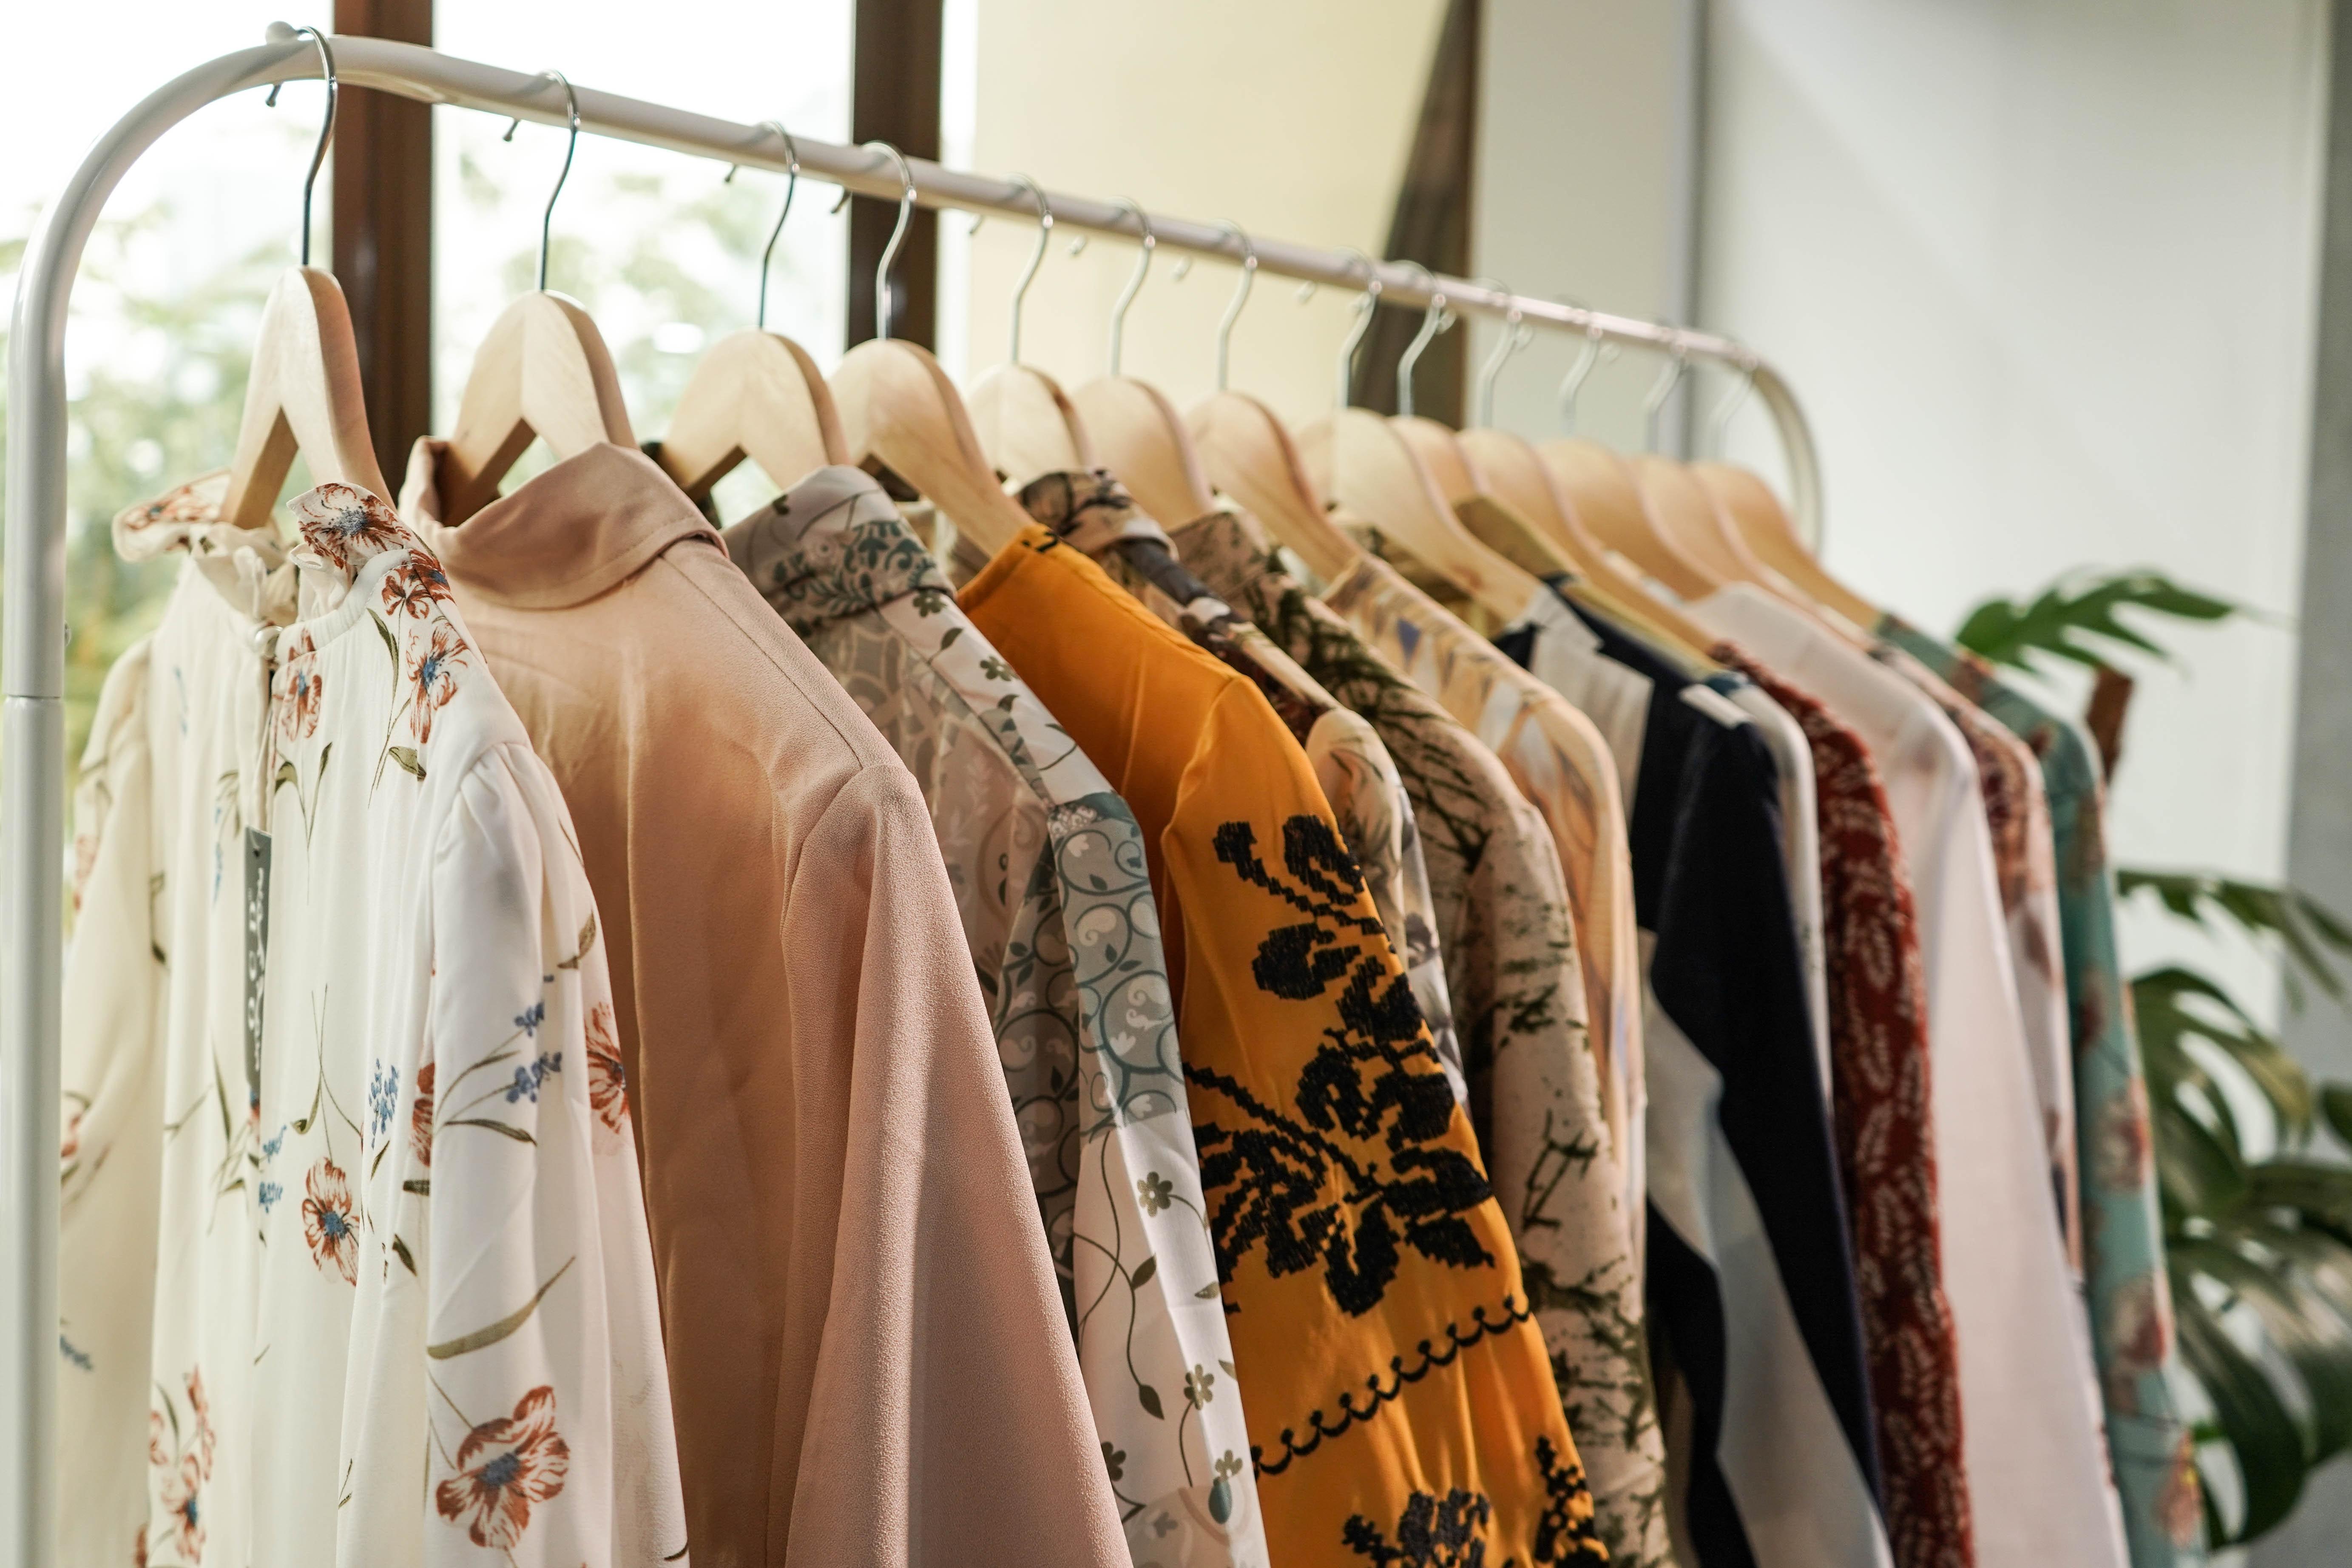 【夢占い】服の夢の意味31選!色によって意味が違う?